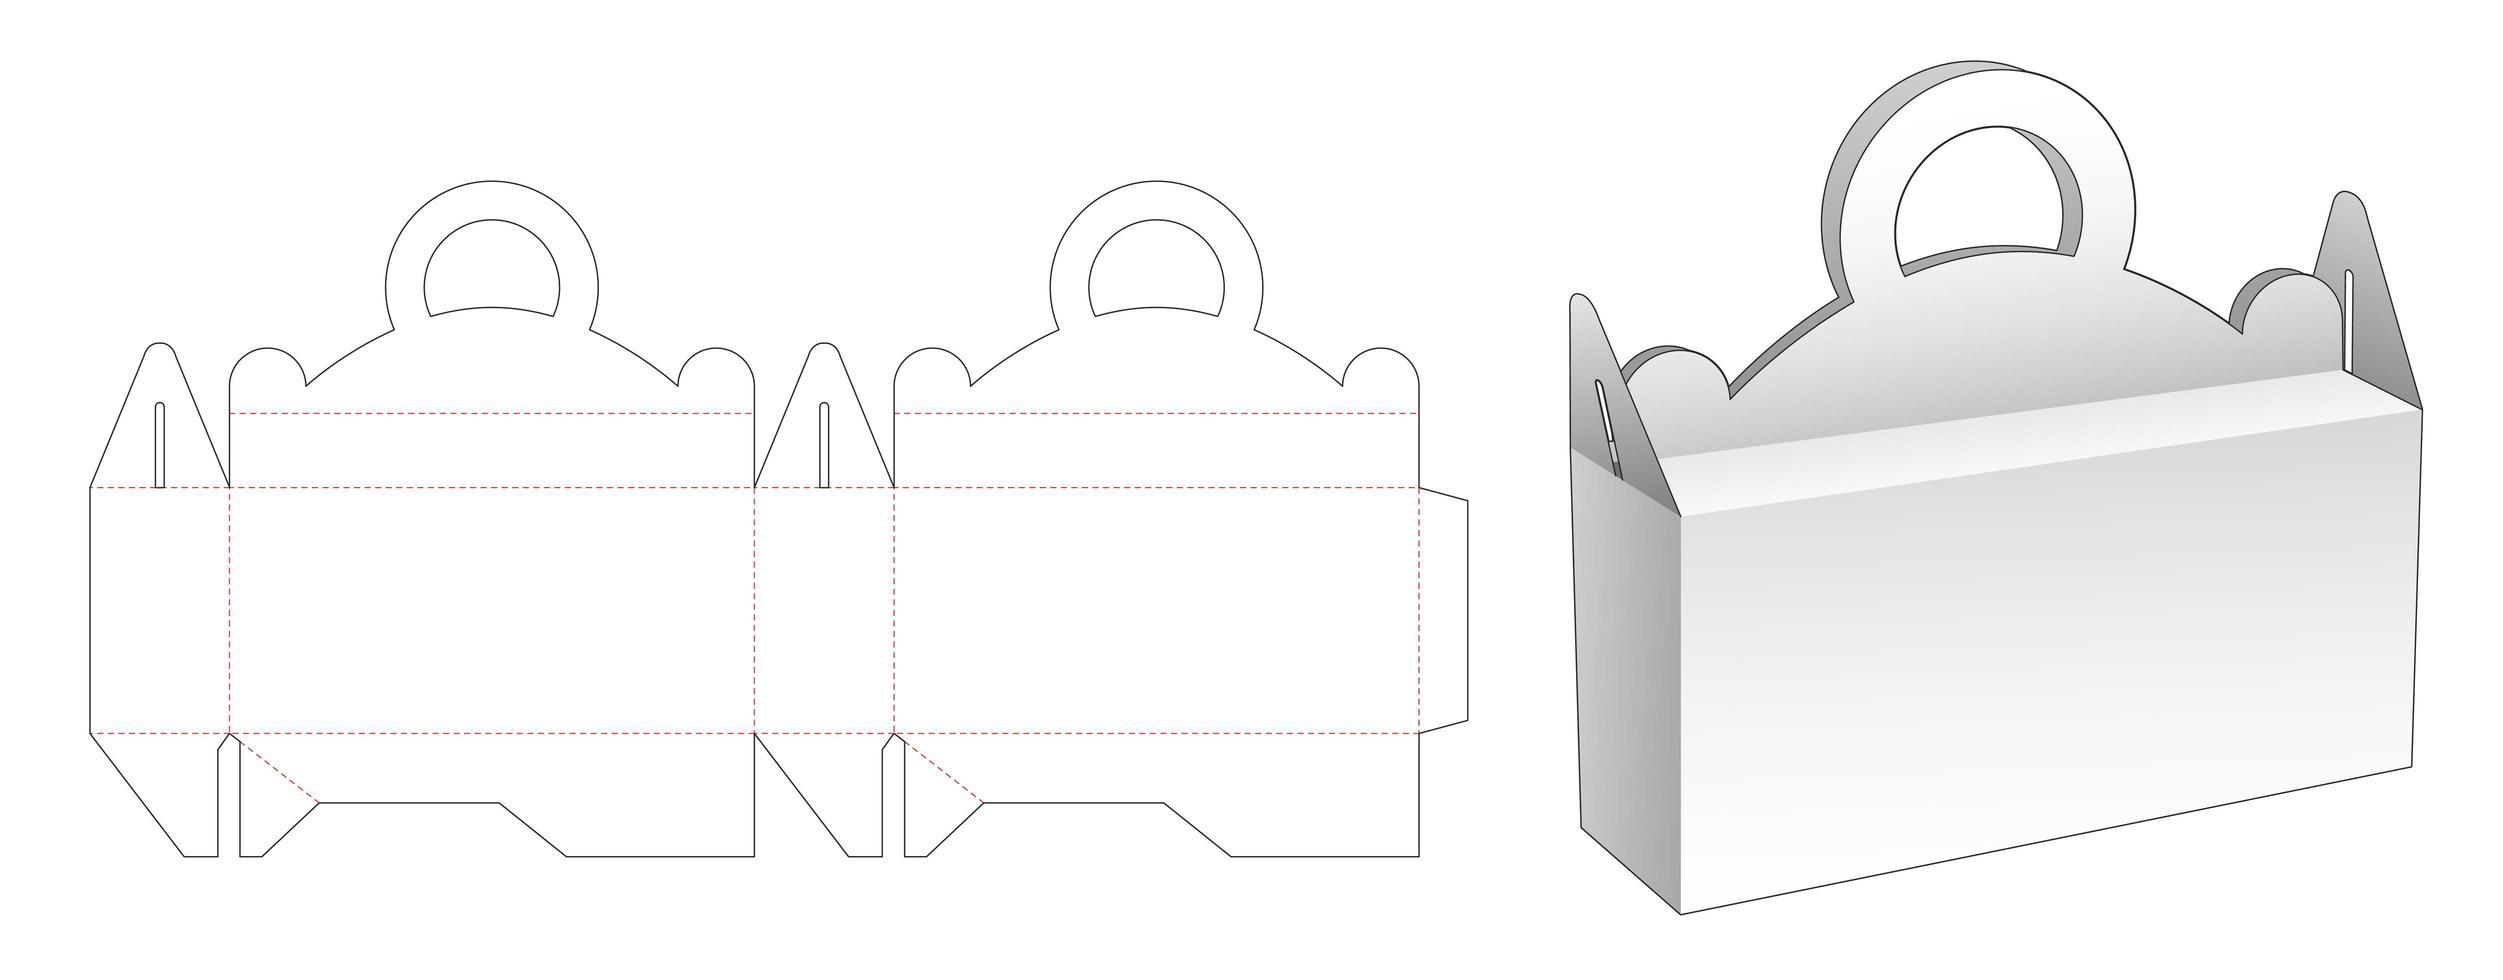 lida com caixa de embalagem vetor